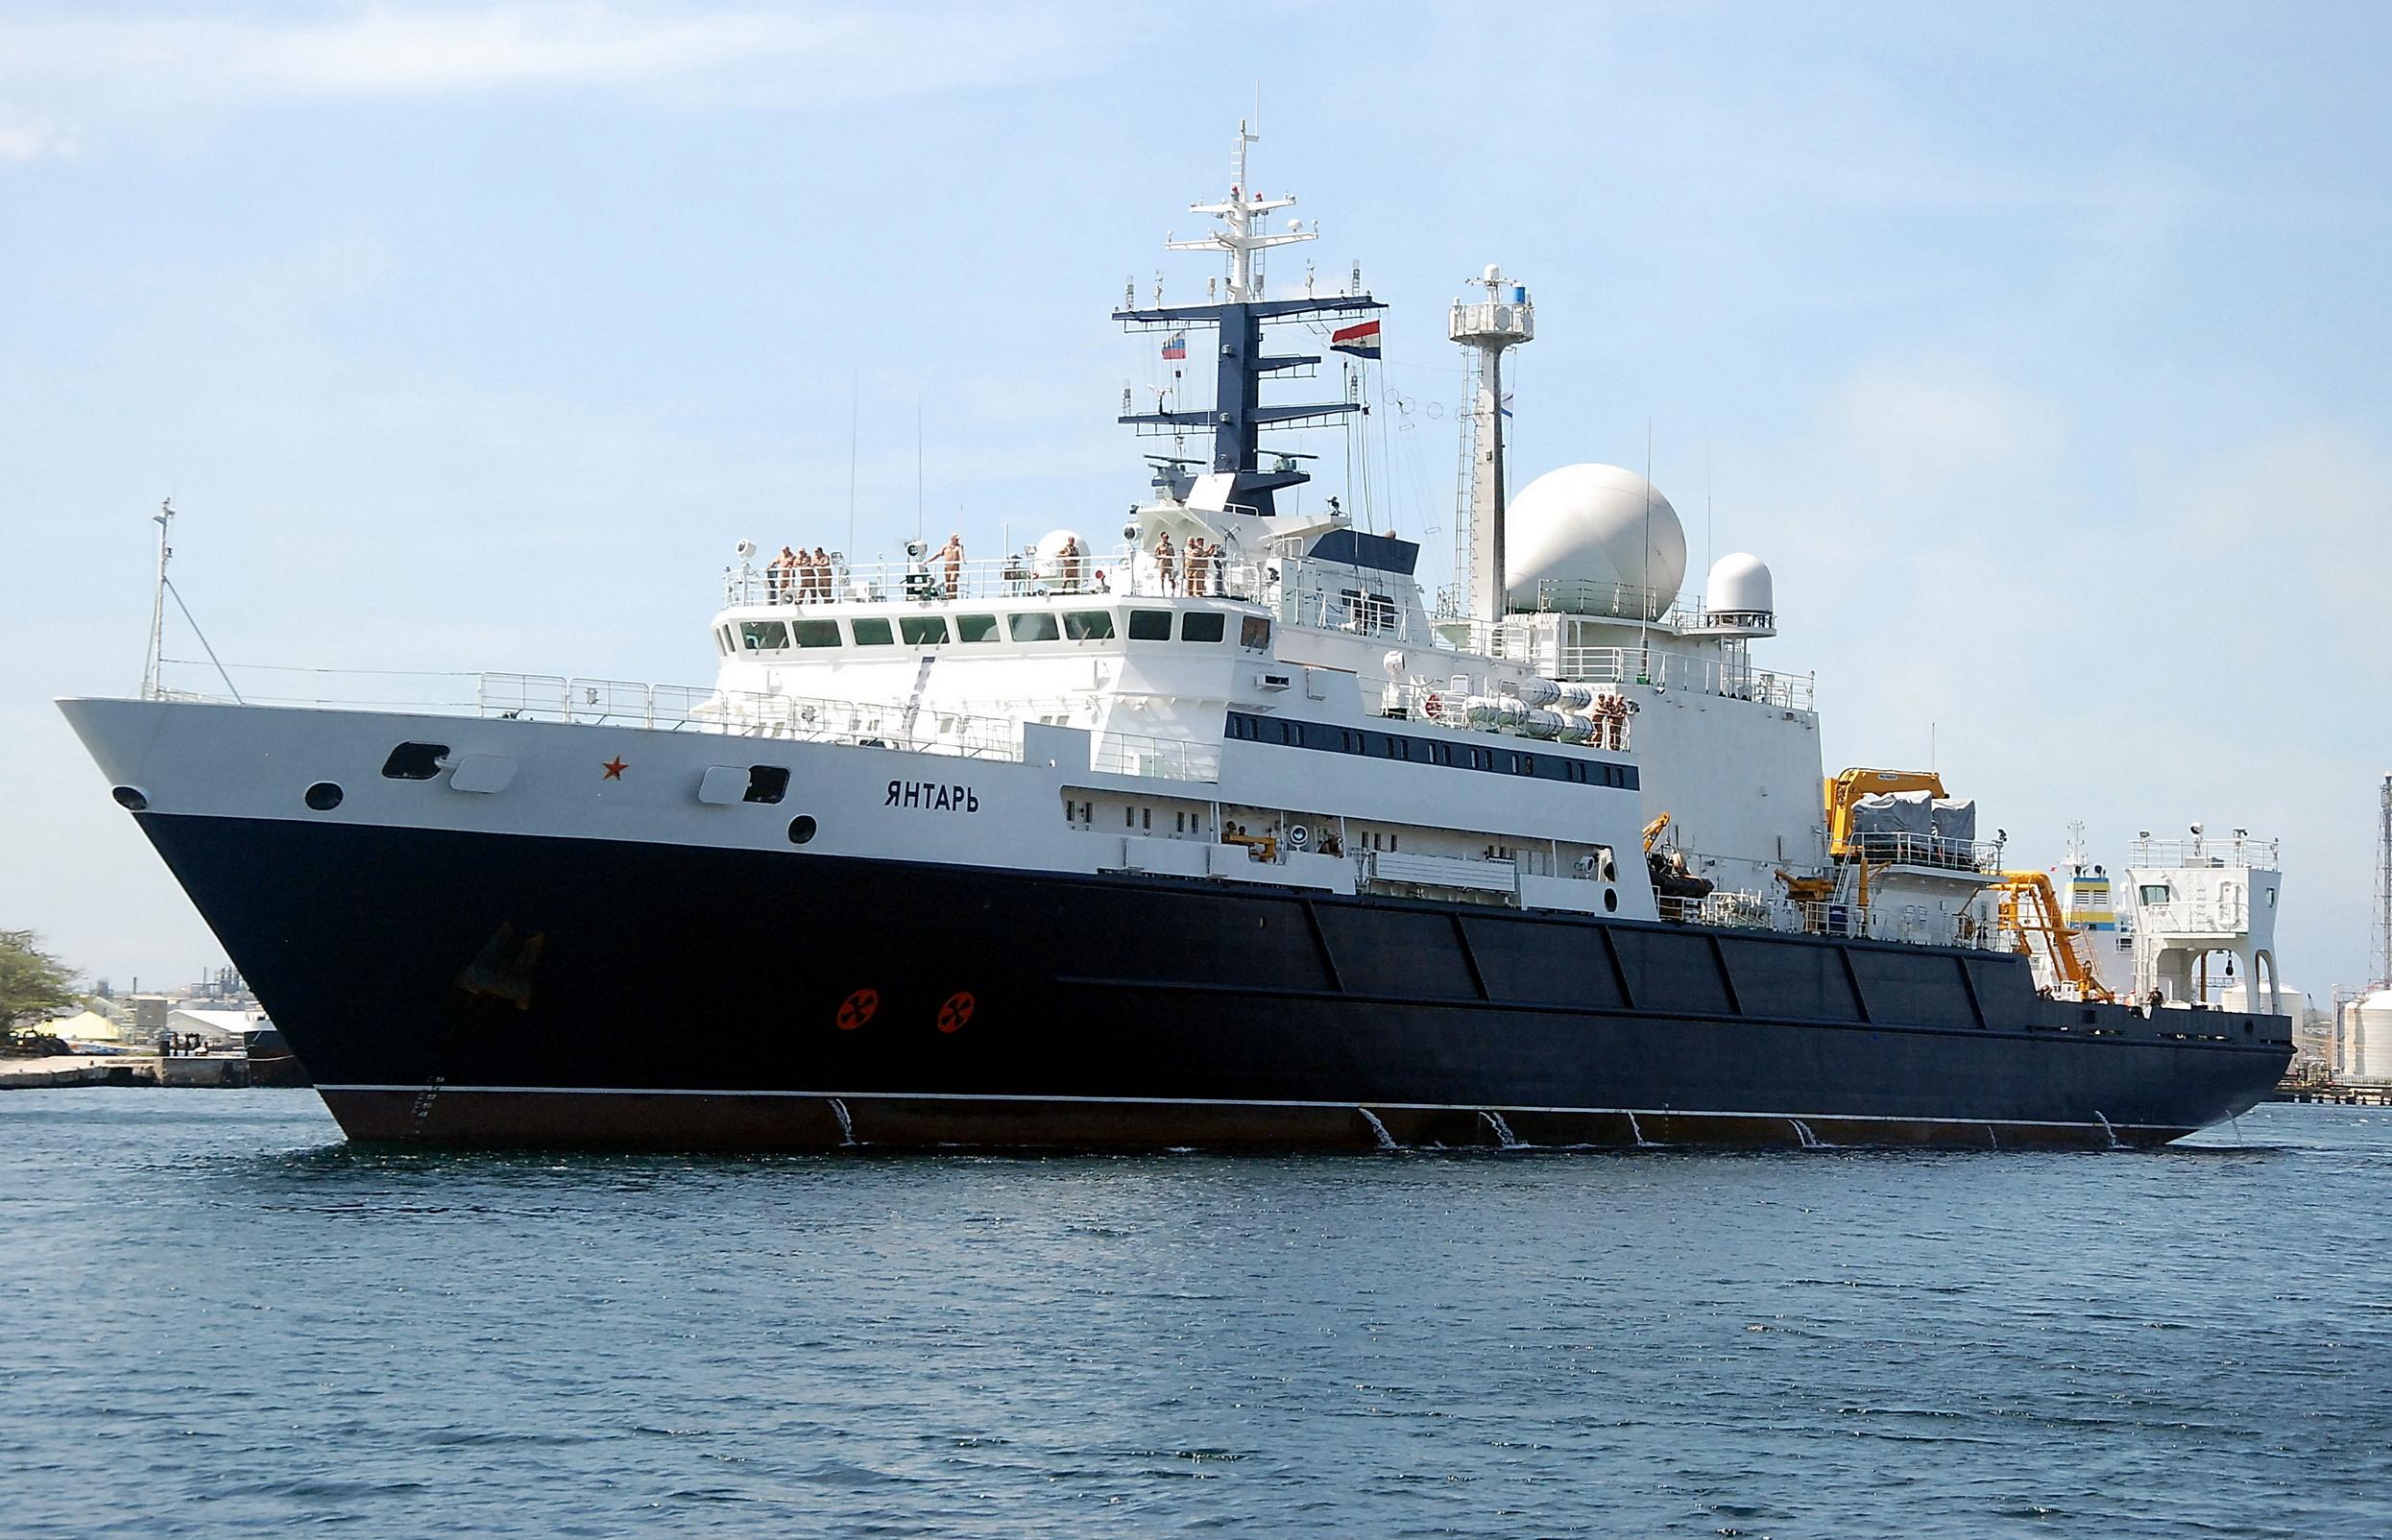 фото судна янтарь